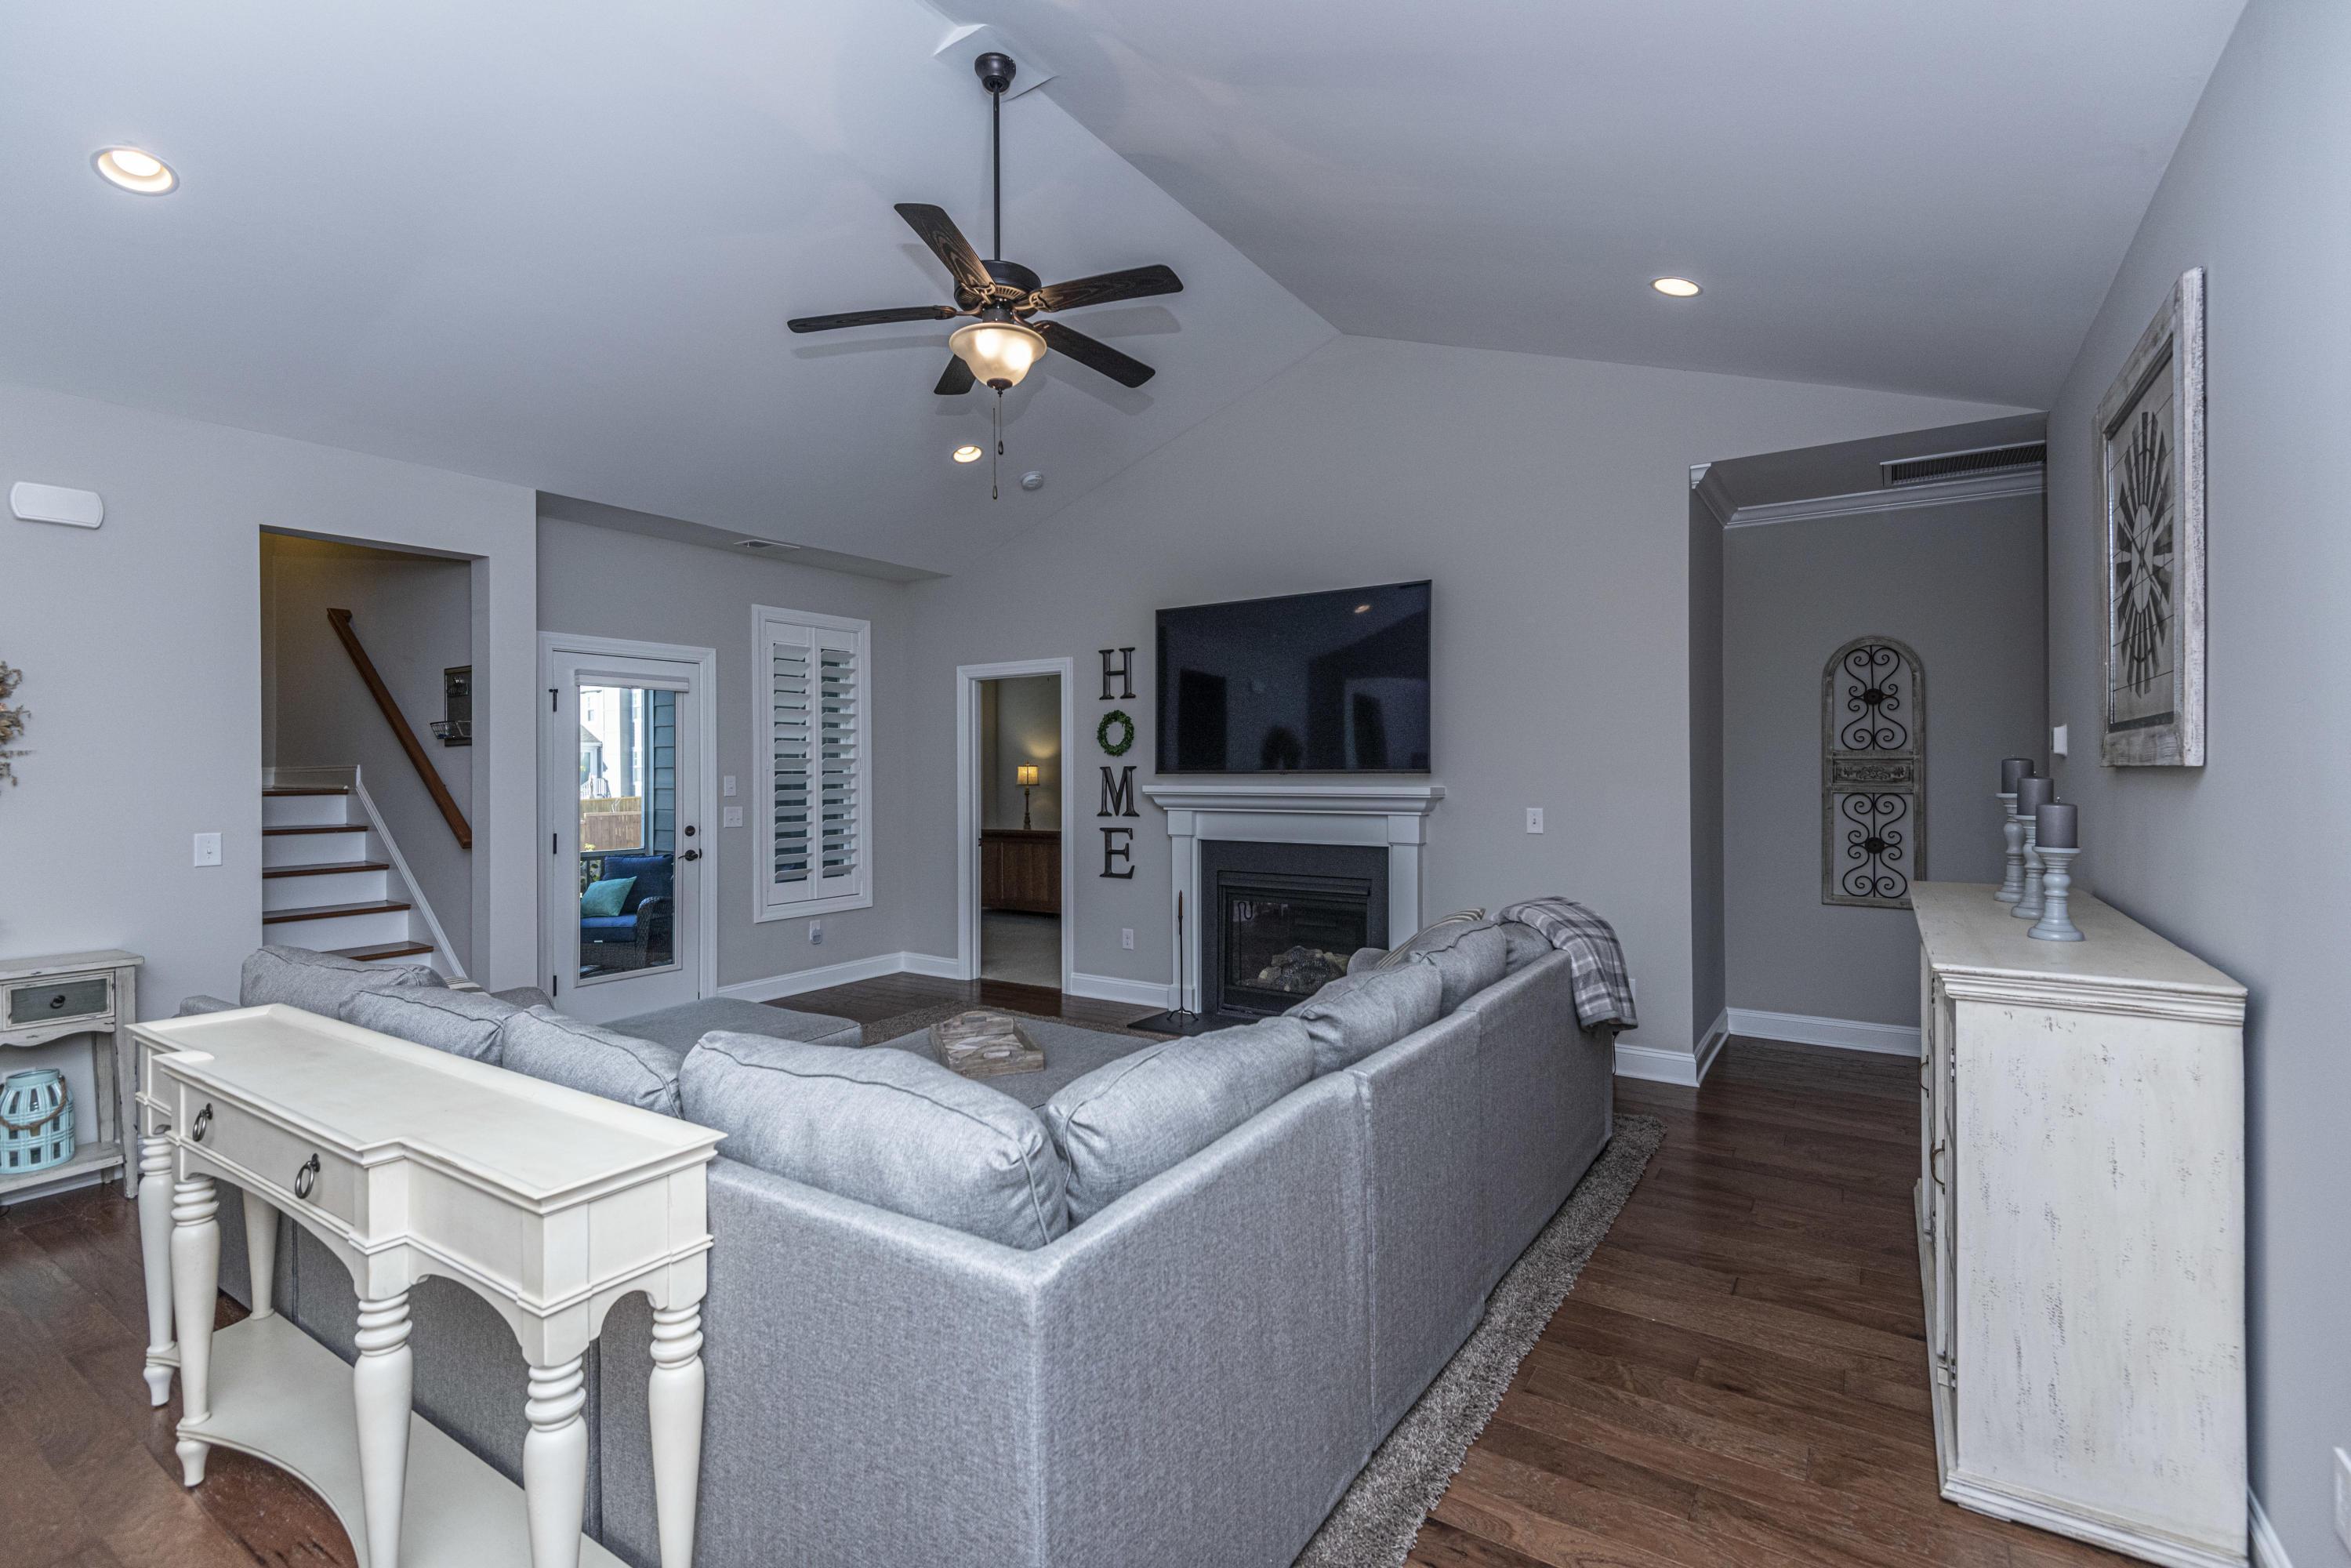 Park West Homes For Sale - 2667 Park West, Mount Pleasant, SC - 20